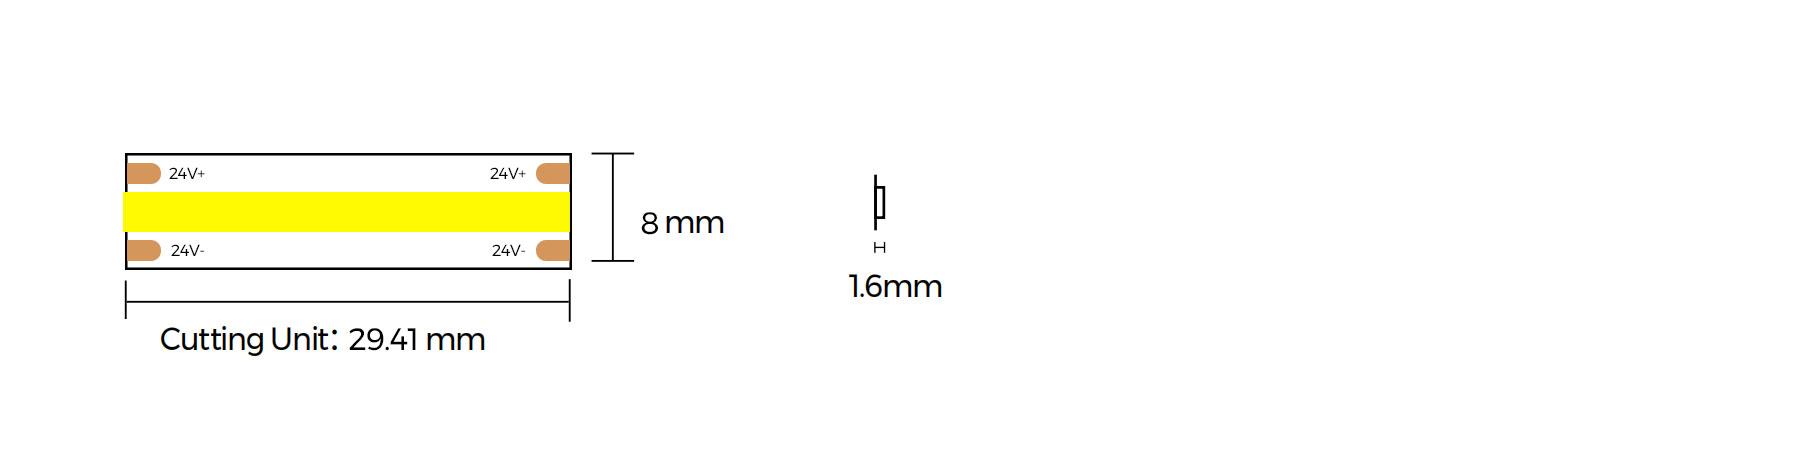 DF10-24V-8mm